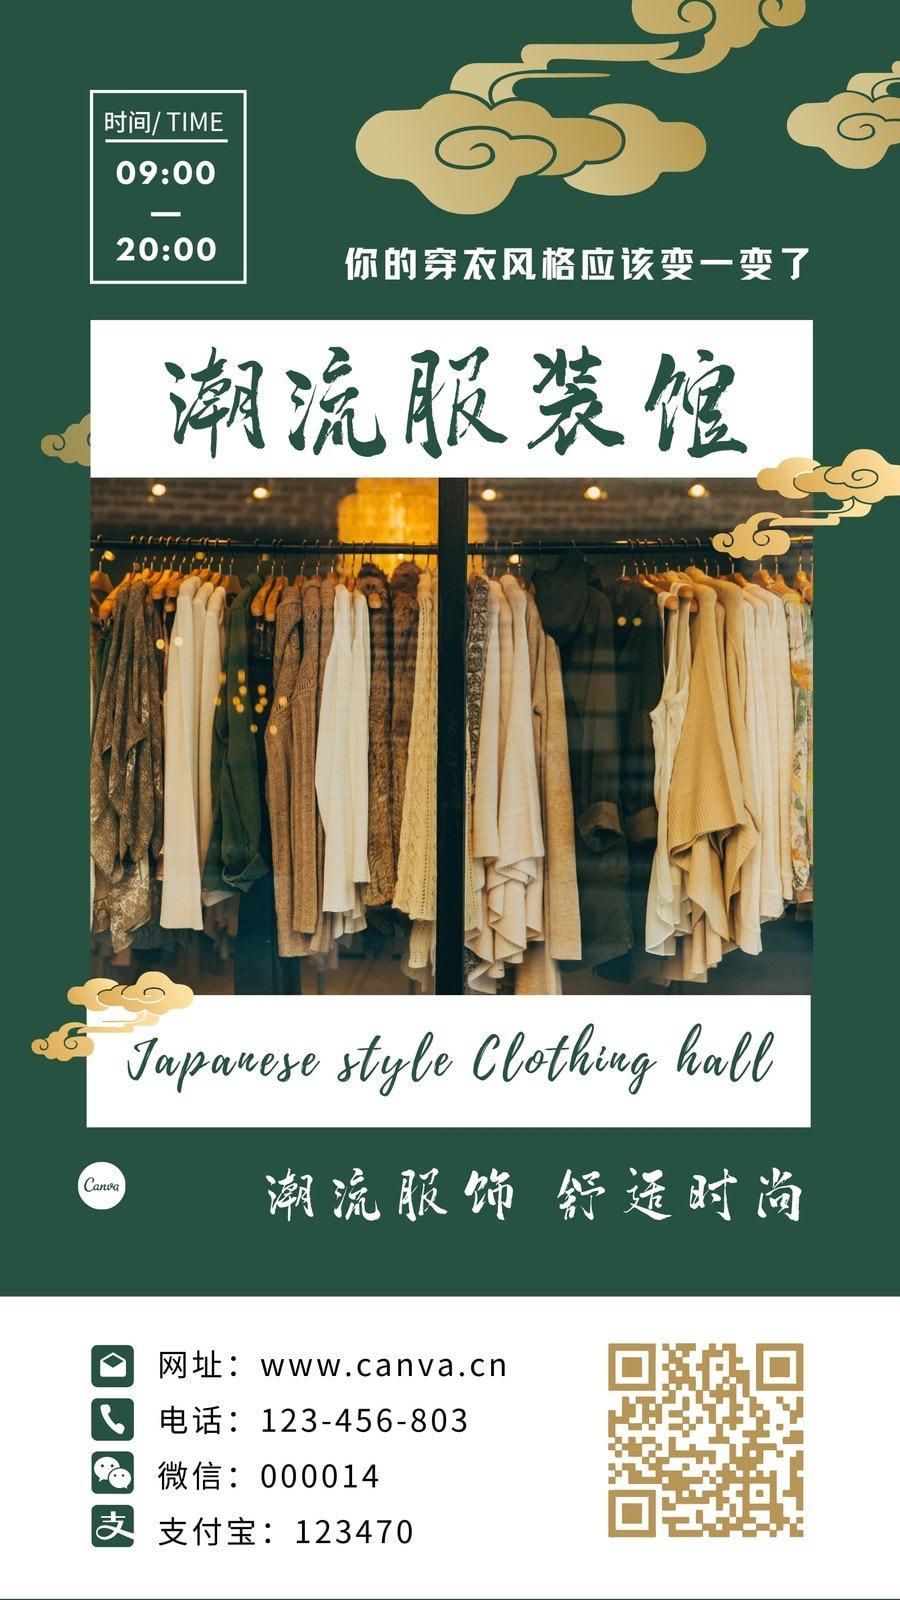 绿金色潮流服装馆中式服饰介绍中文电子名片